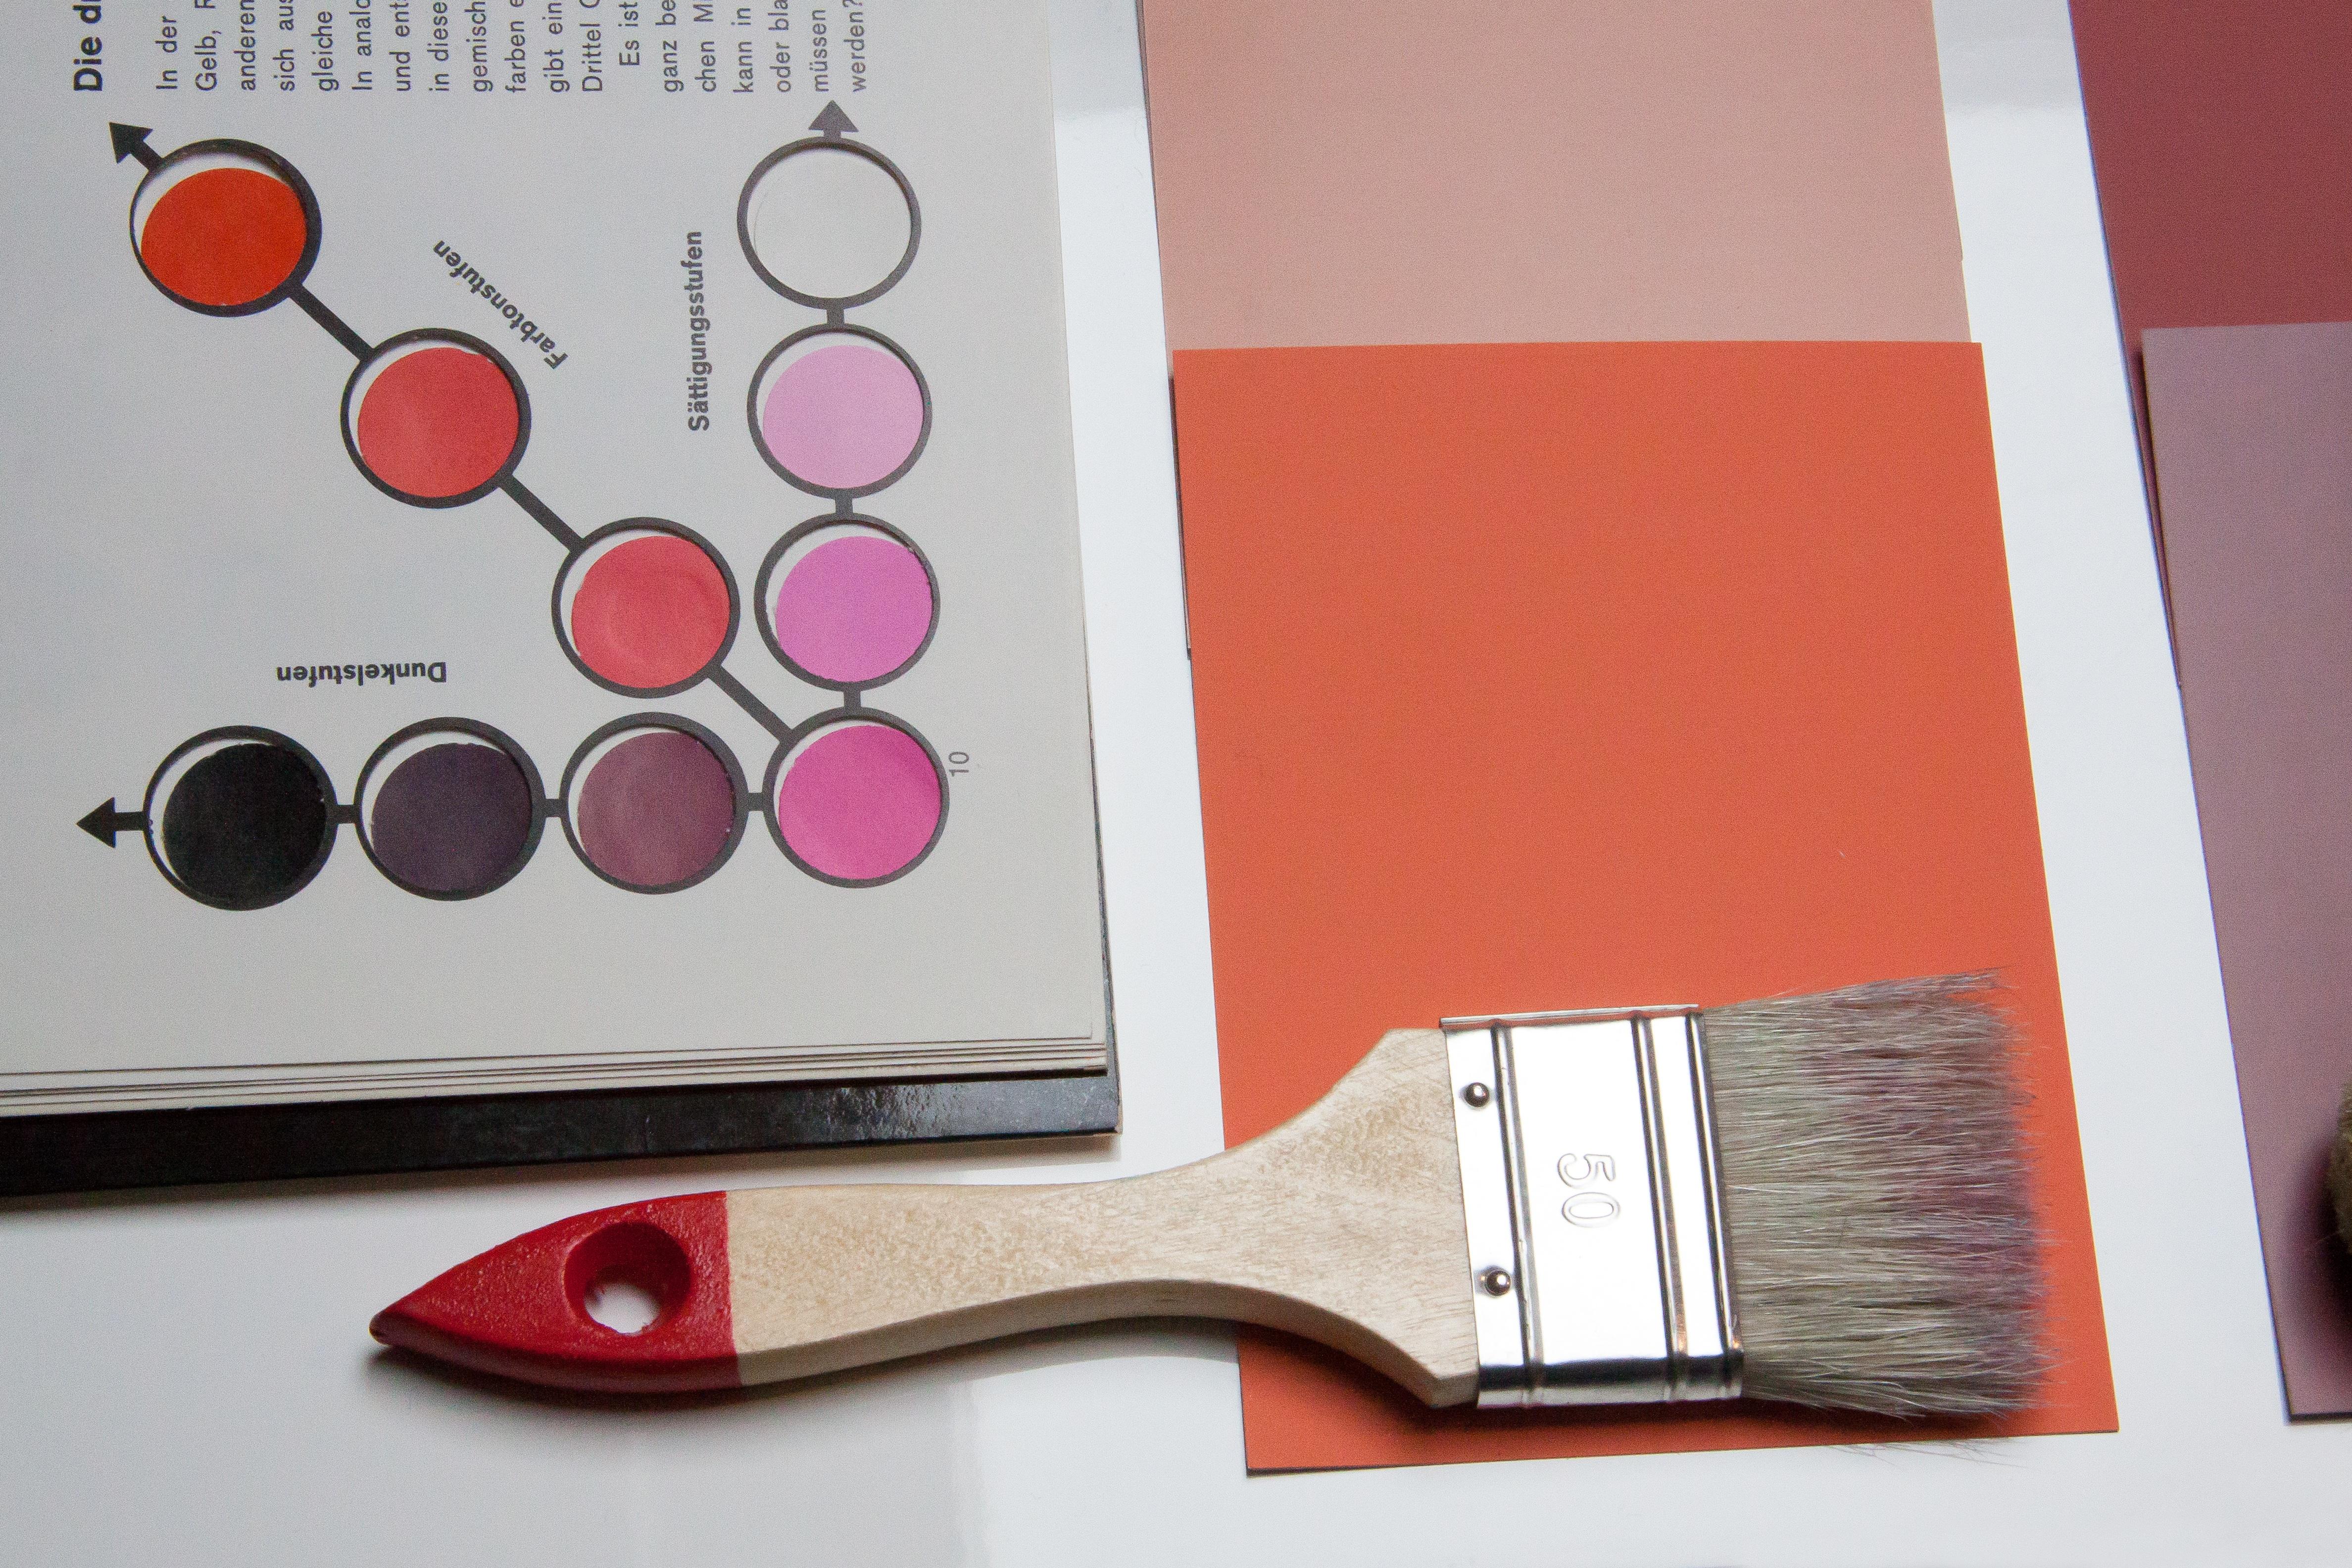 Innenarchitektur Lehre kostenlose foto farbe innenarchitektur schriftart maler